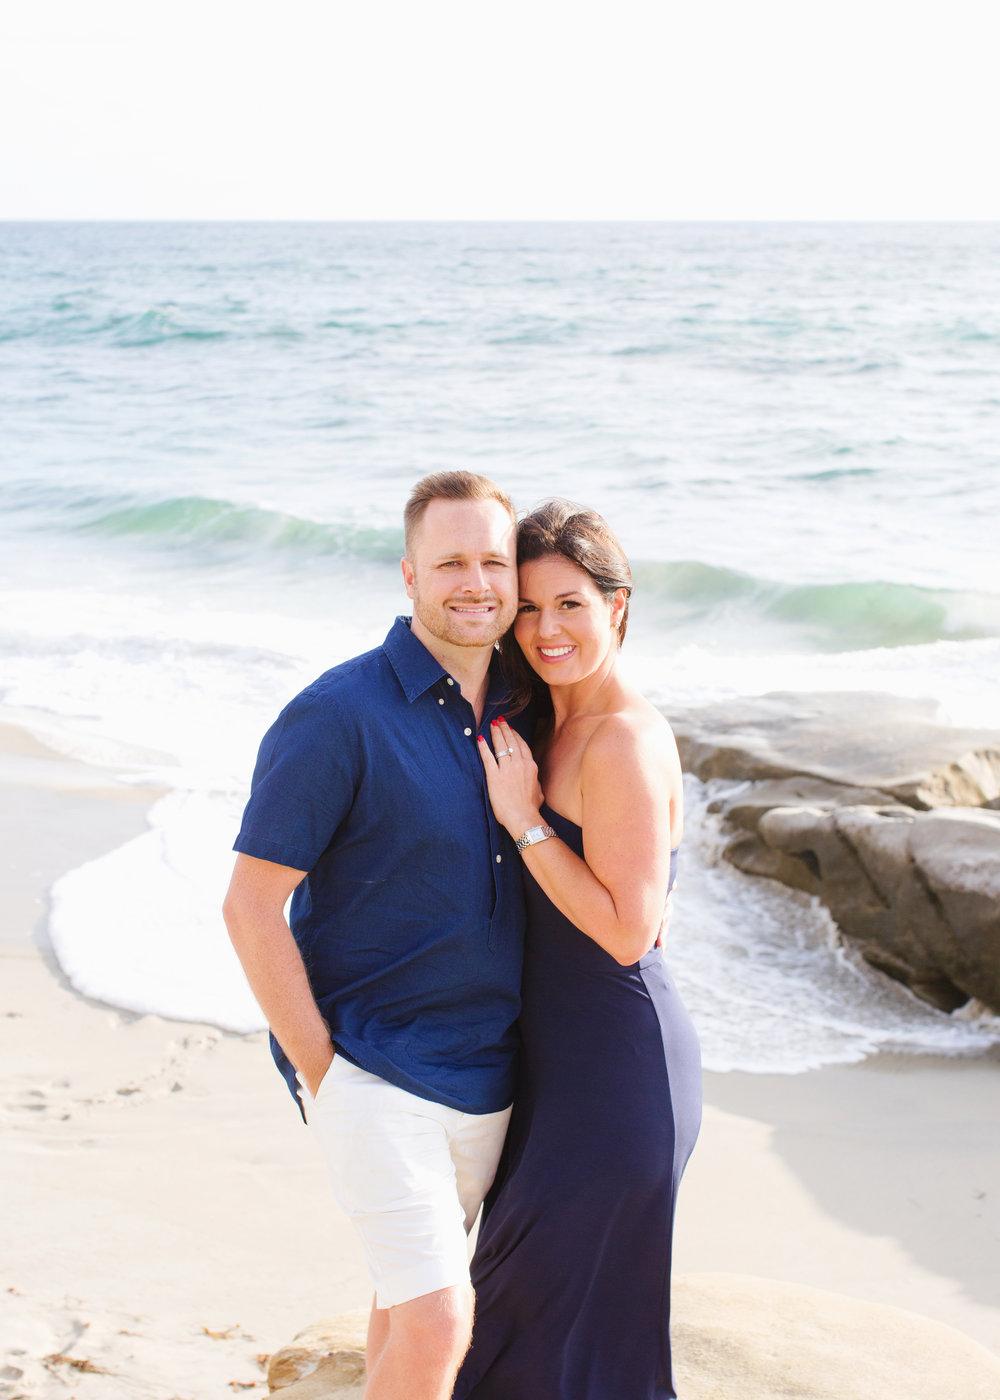 San-Diego-Family-Photographer-Windandsea-Beach-Photos_002.jpg